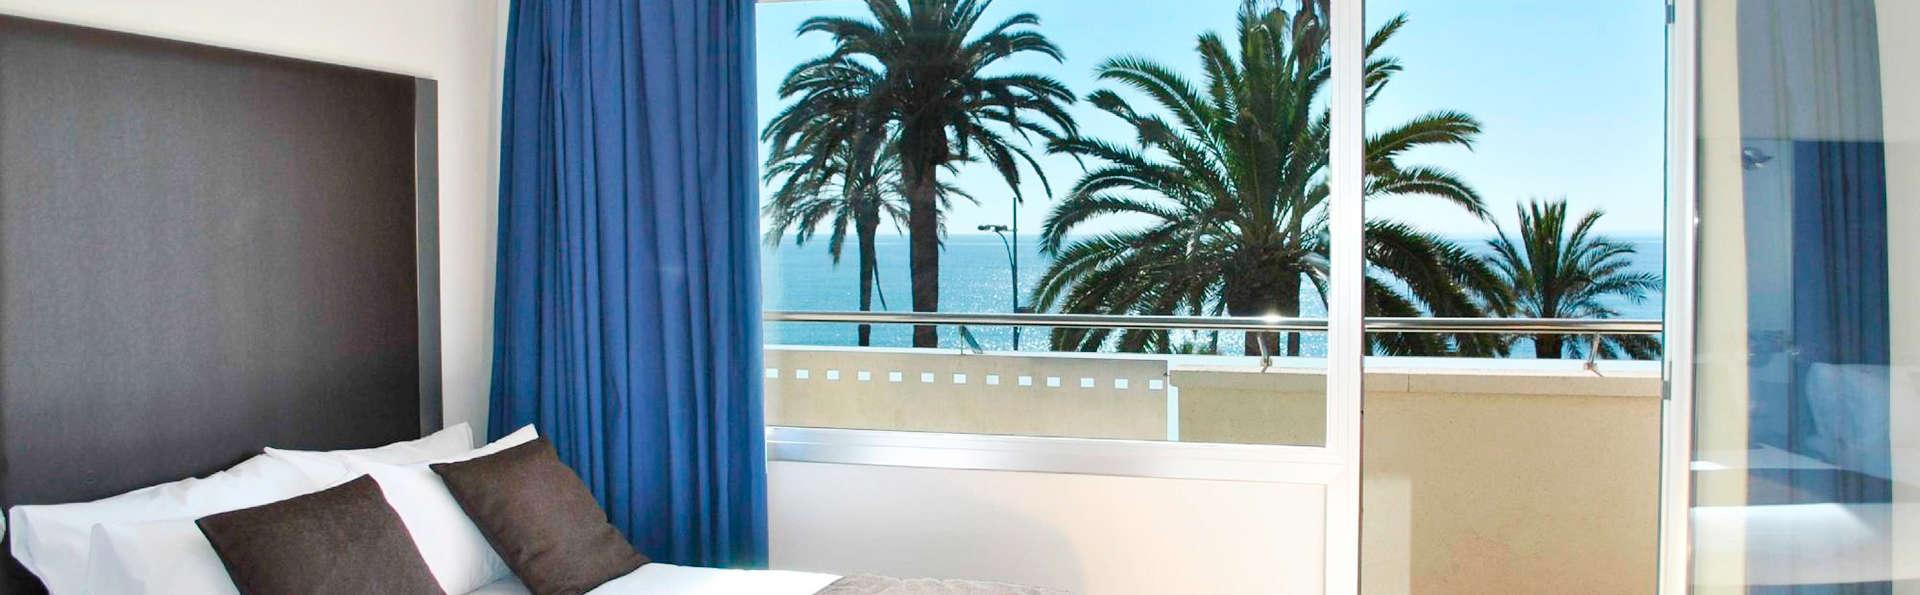 Séjour détente hébergé dans une chambre offrant des vues sur la mer